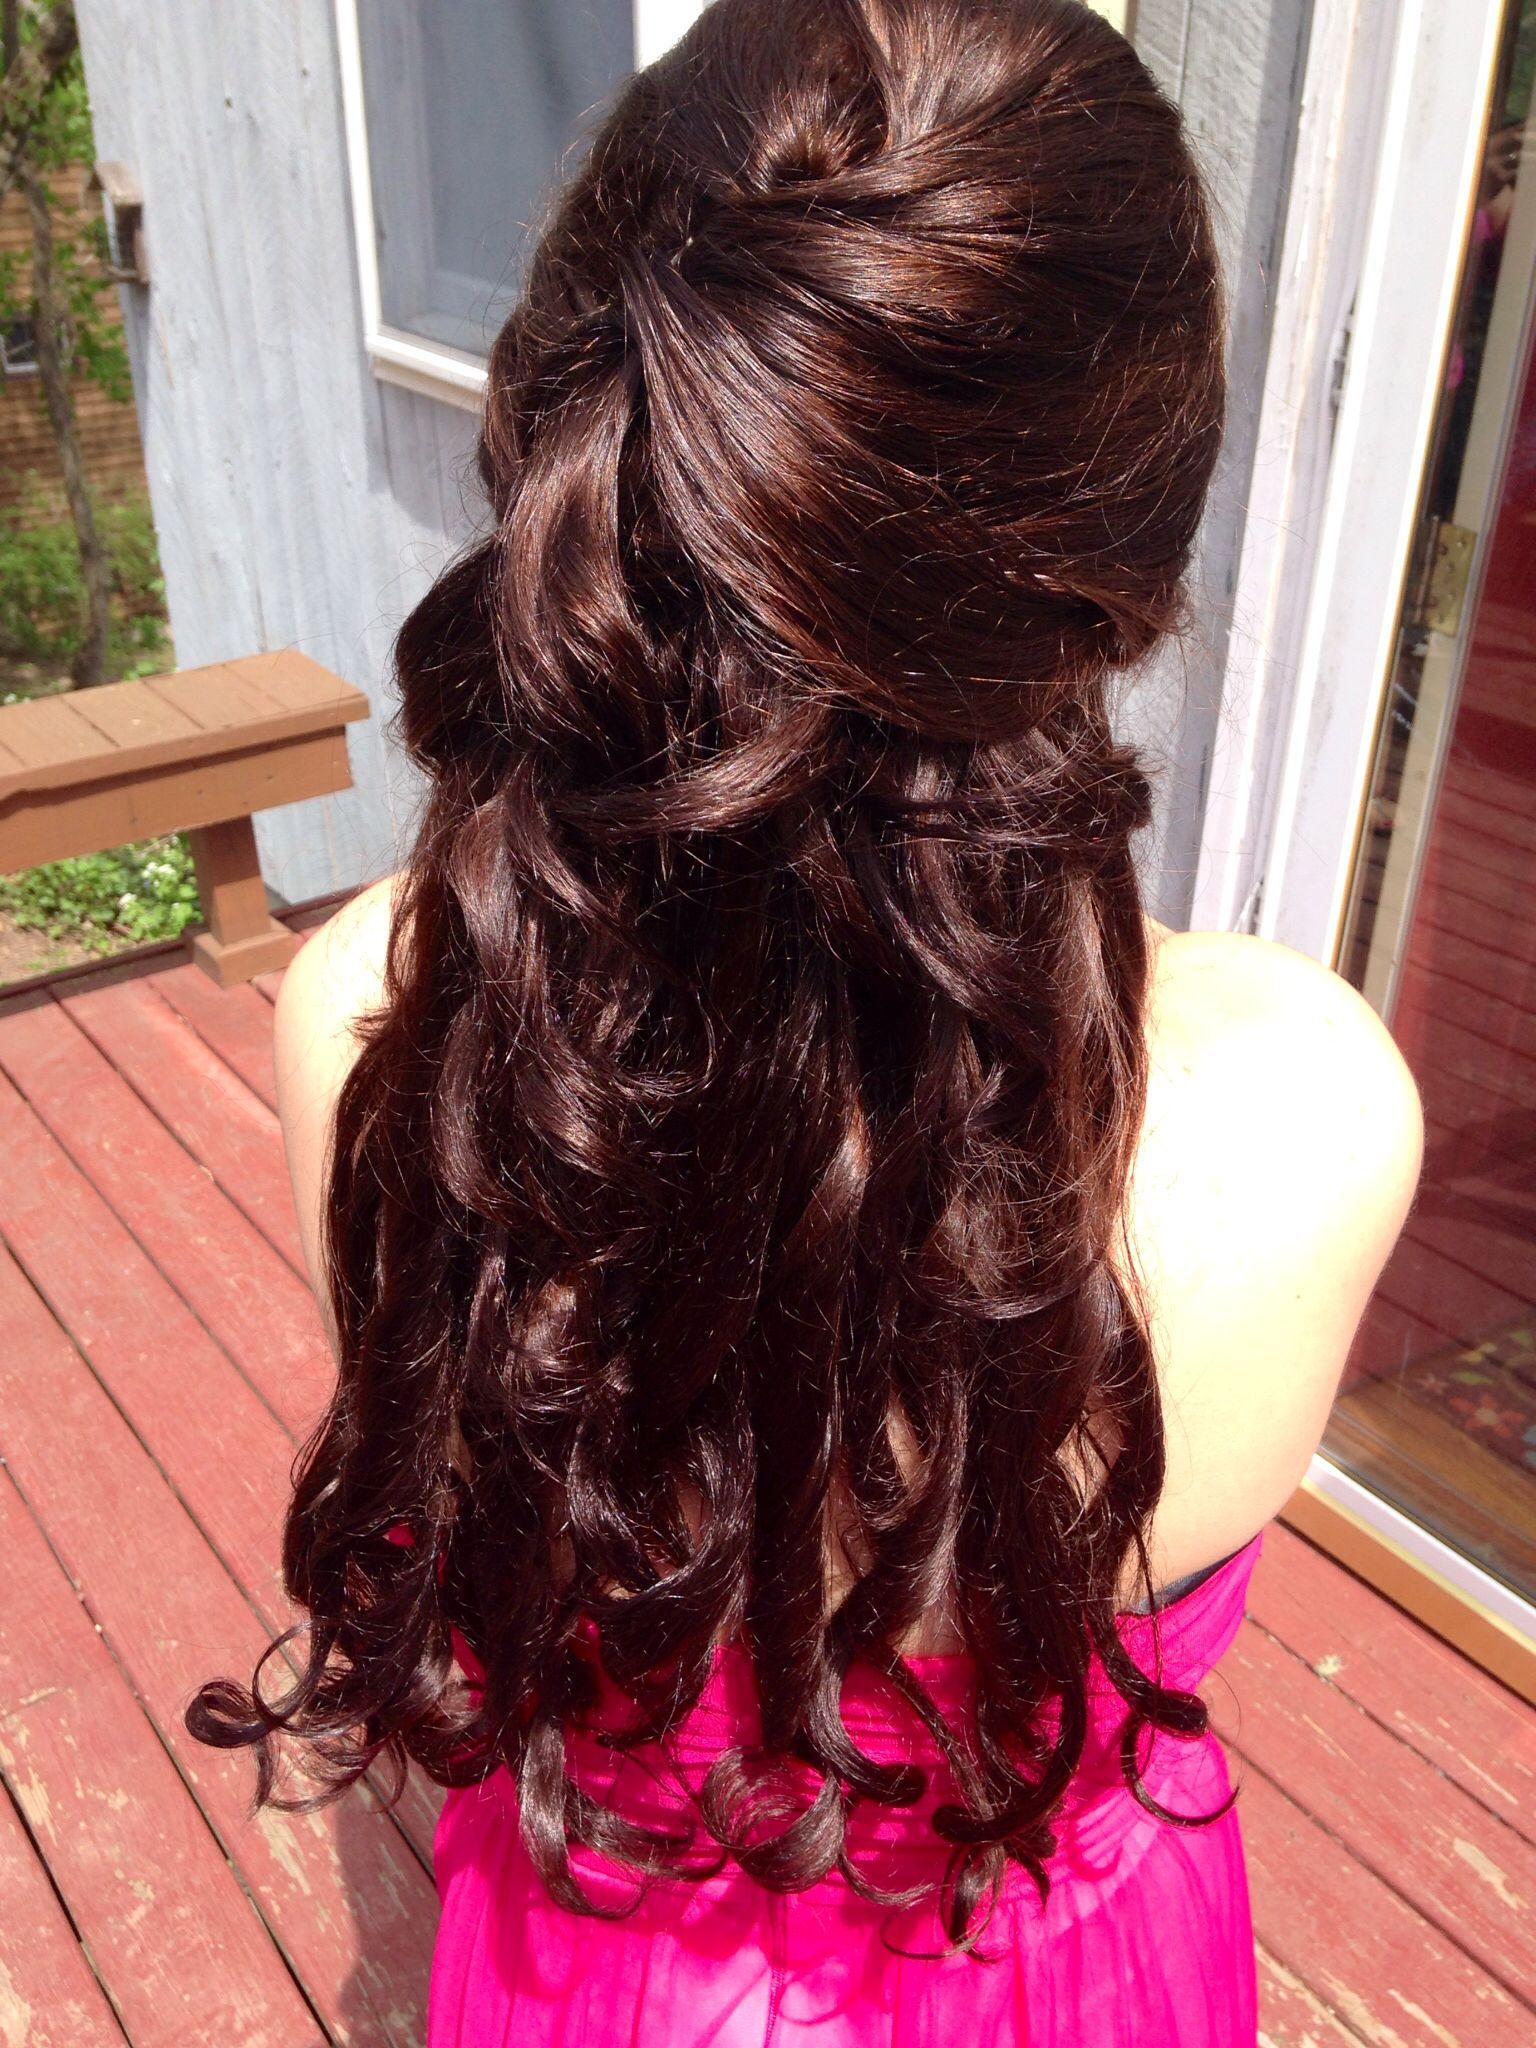 Pin by Samara Gomez on Glam | Prom hair medium length ...